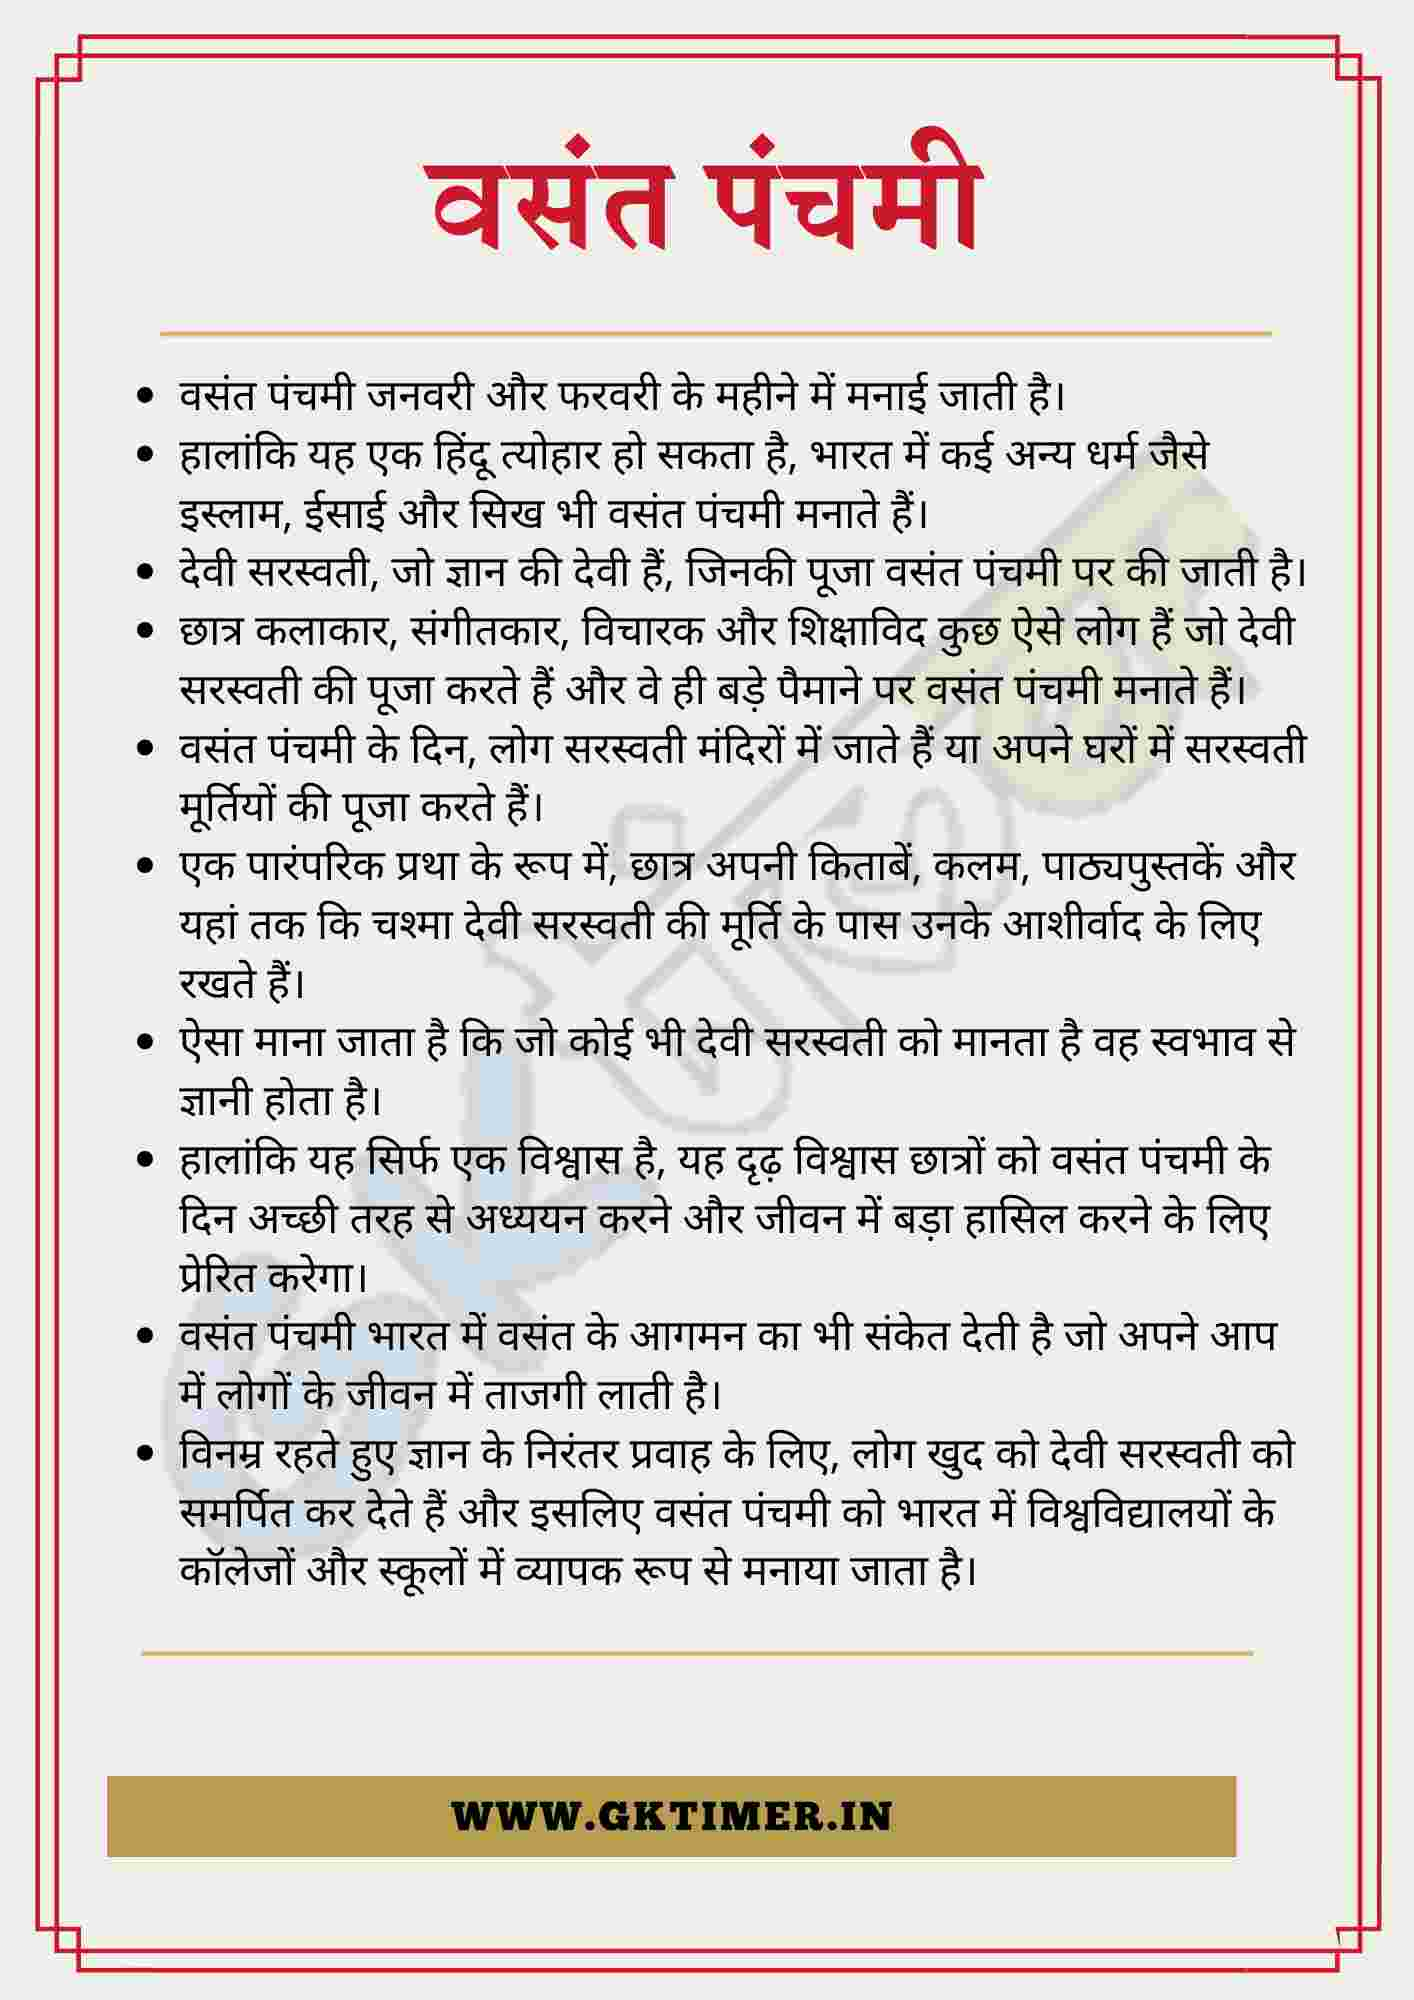 वसंत पंचमी पर निबंध | Vasant Panchami Essay in Hindi | 10 Lines on Vasant Panchami in Hindi